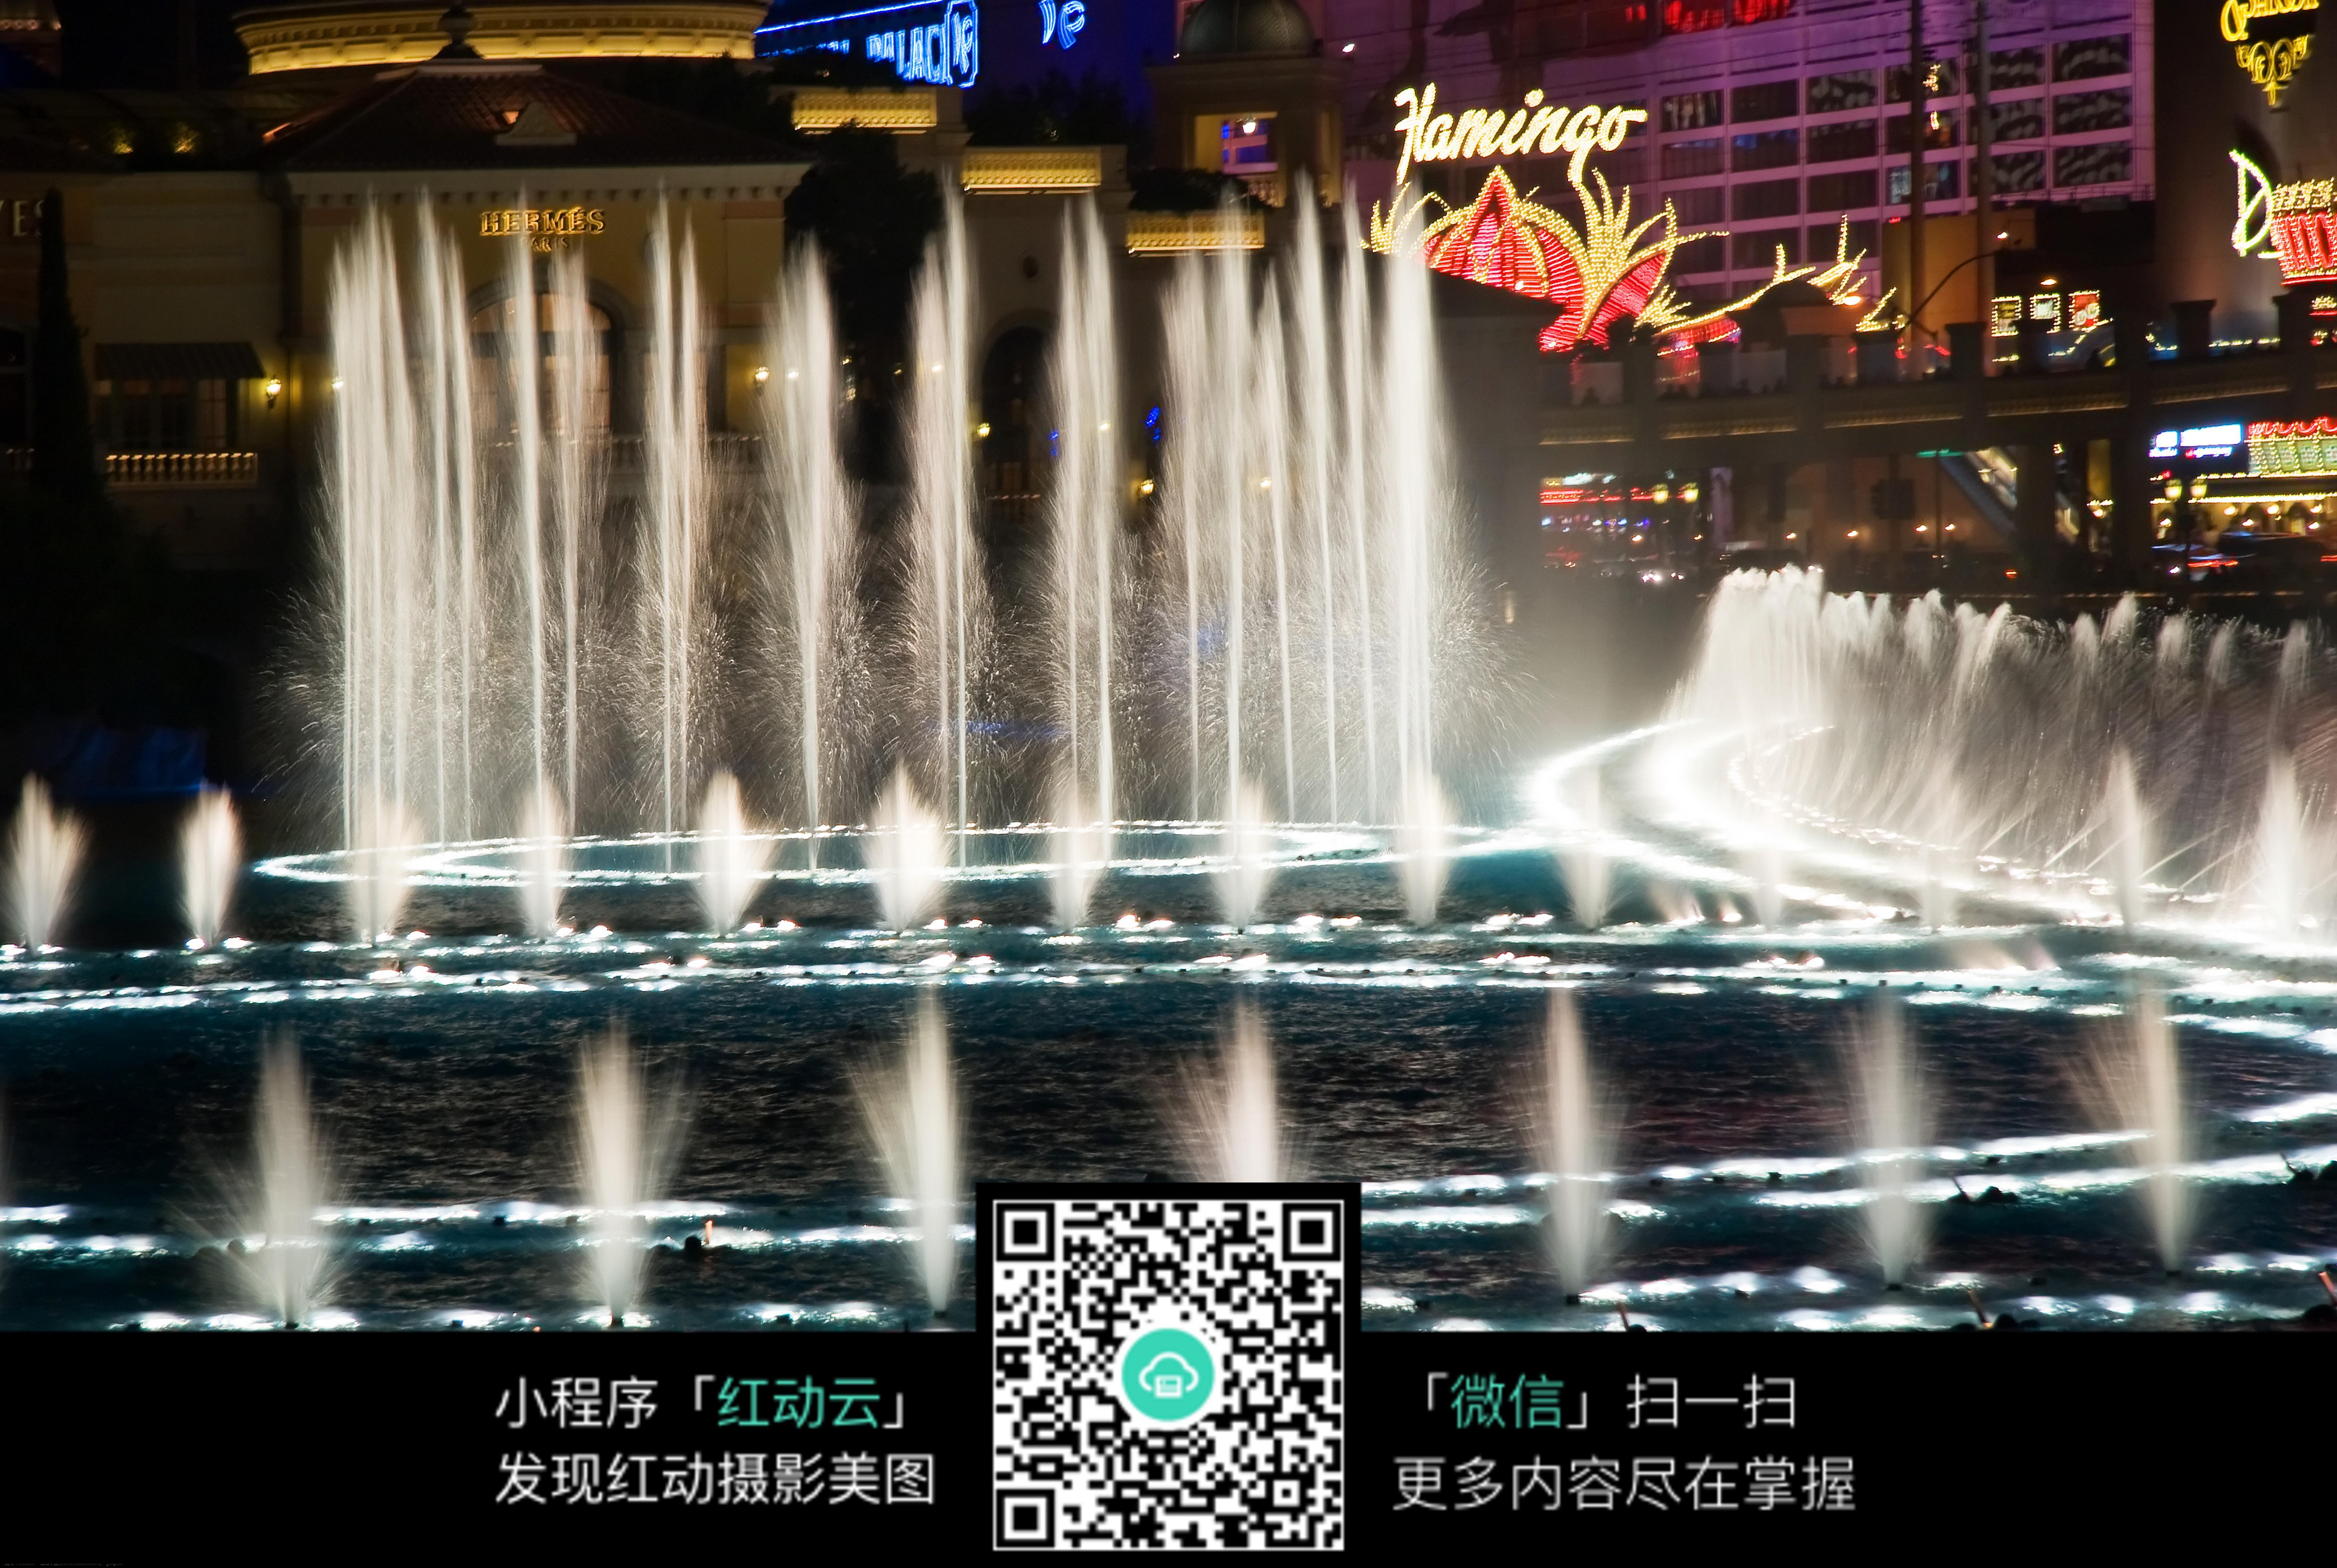 喷泉水系景观夜景图片